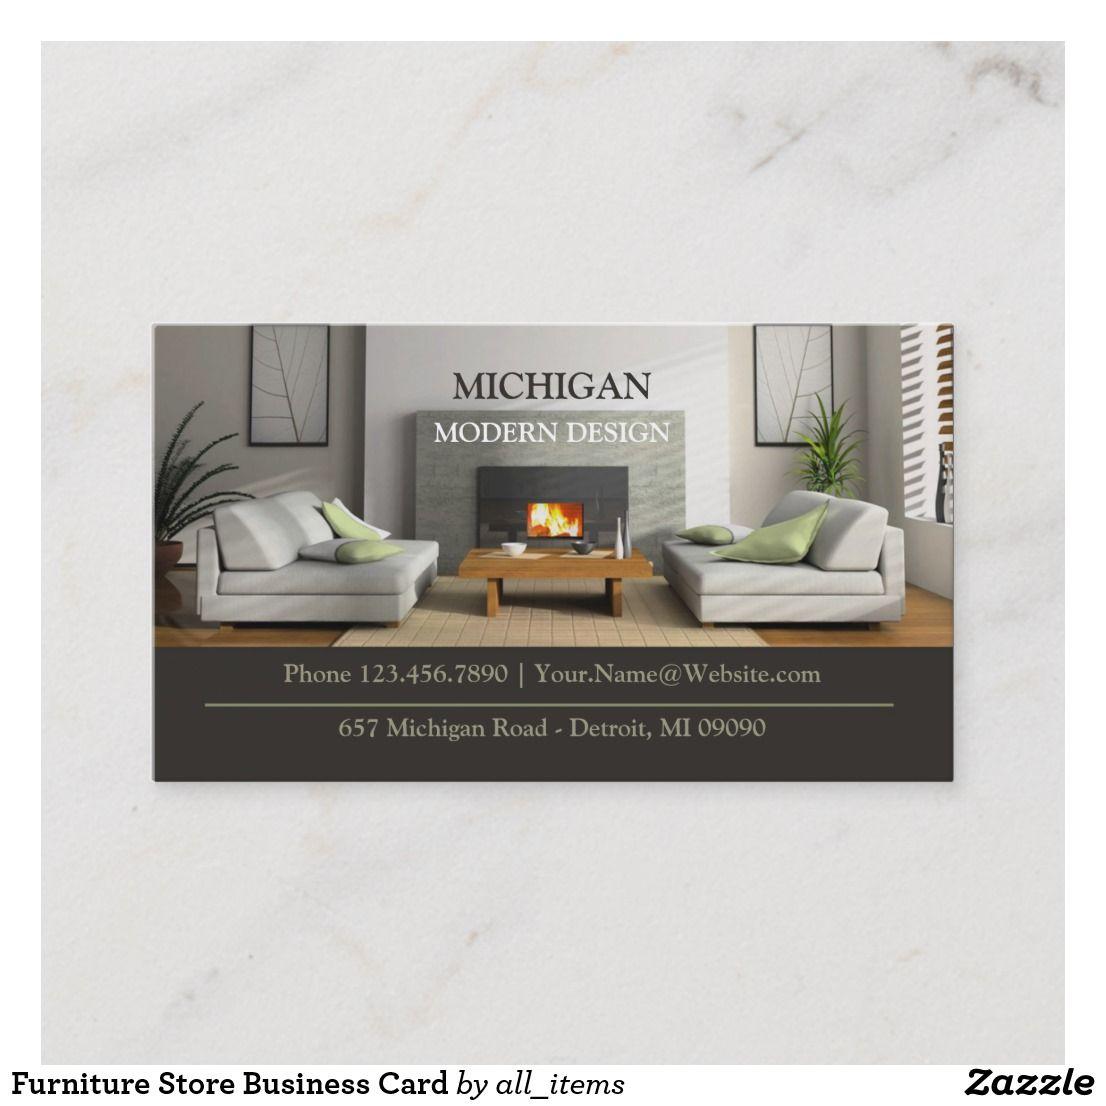 furniture store business card | zazzle